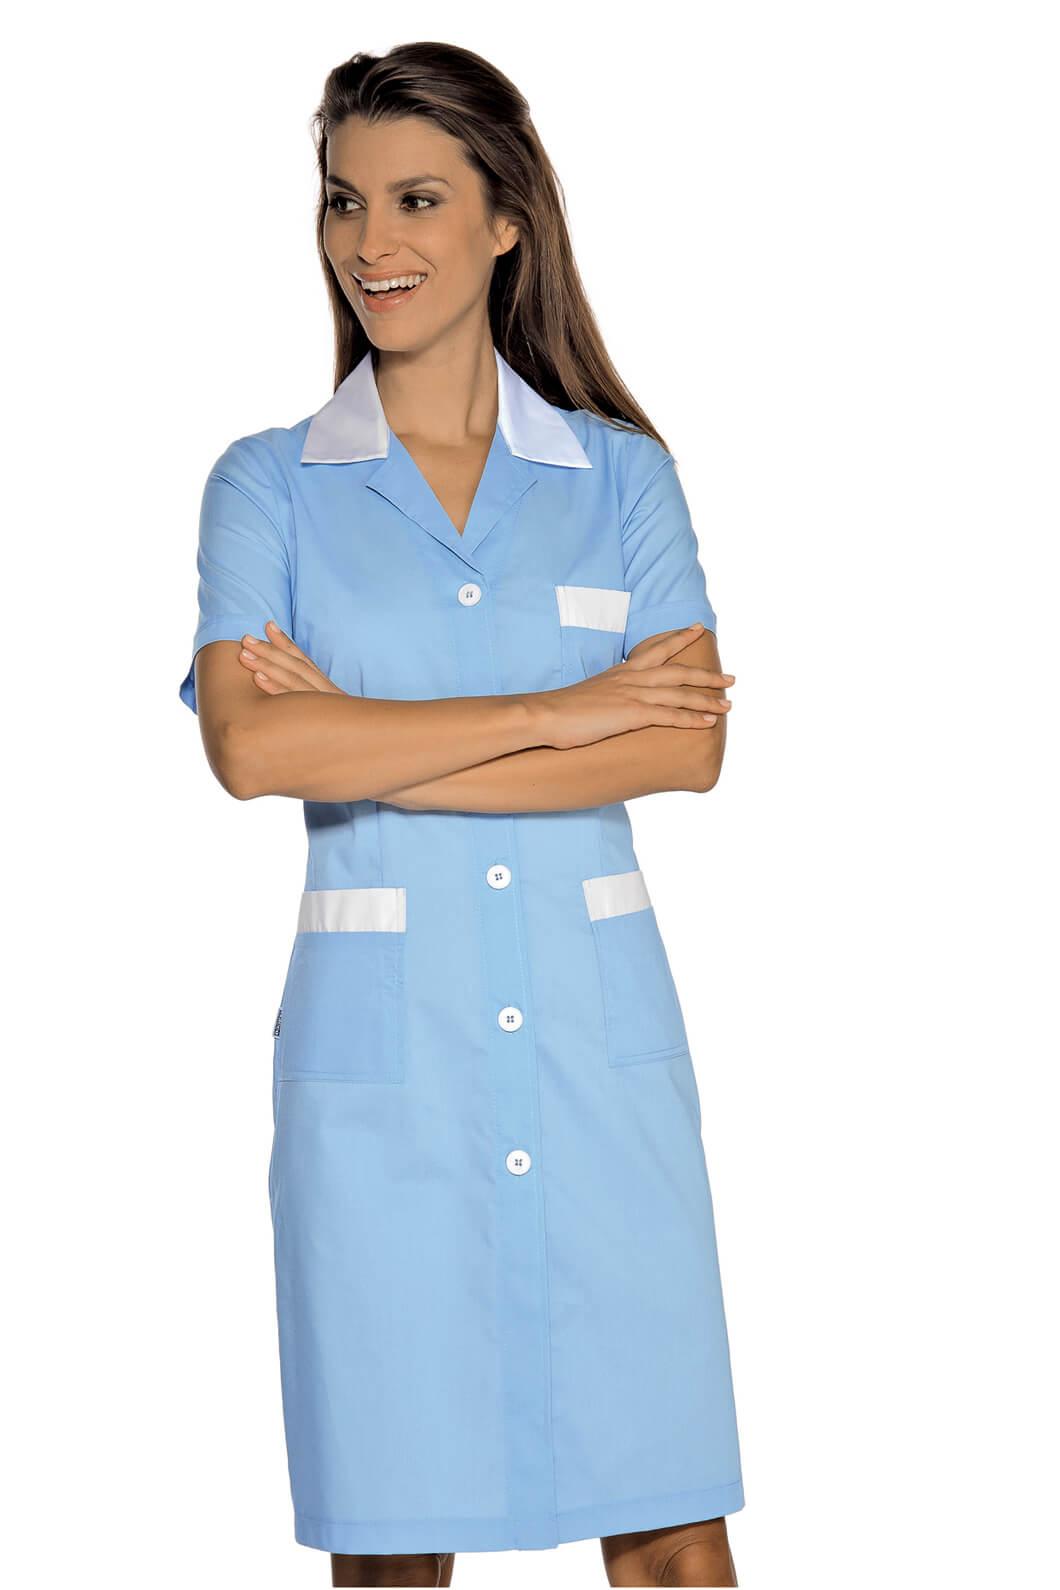 blouse de travail manches courtes positano bleu blanc. Black Bedroom Furniture Sets. Home Design Ideas